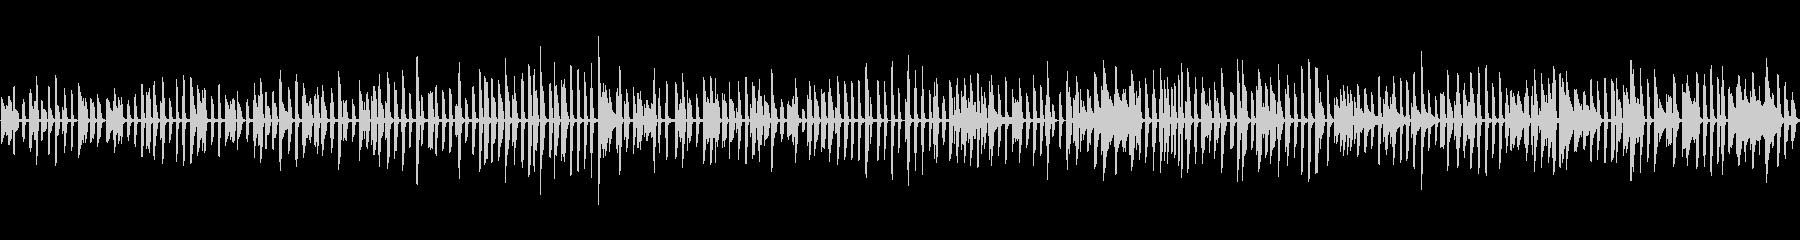 生ピアノソロ・楽しいDIY長めバージョンの未再生の波形